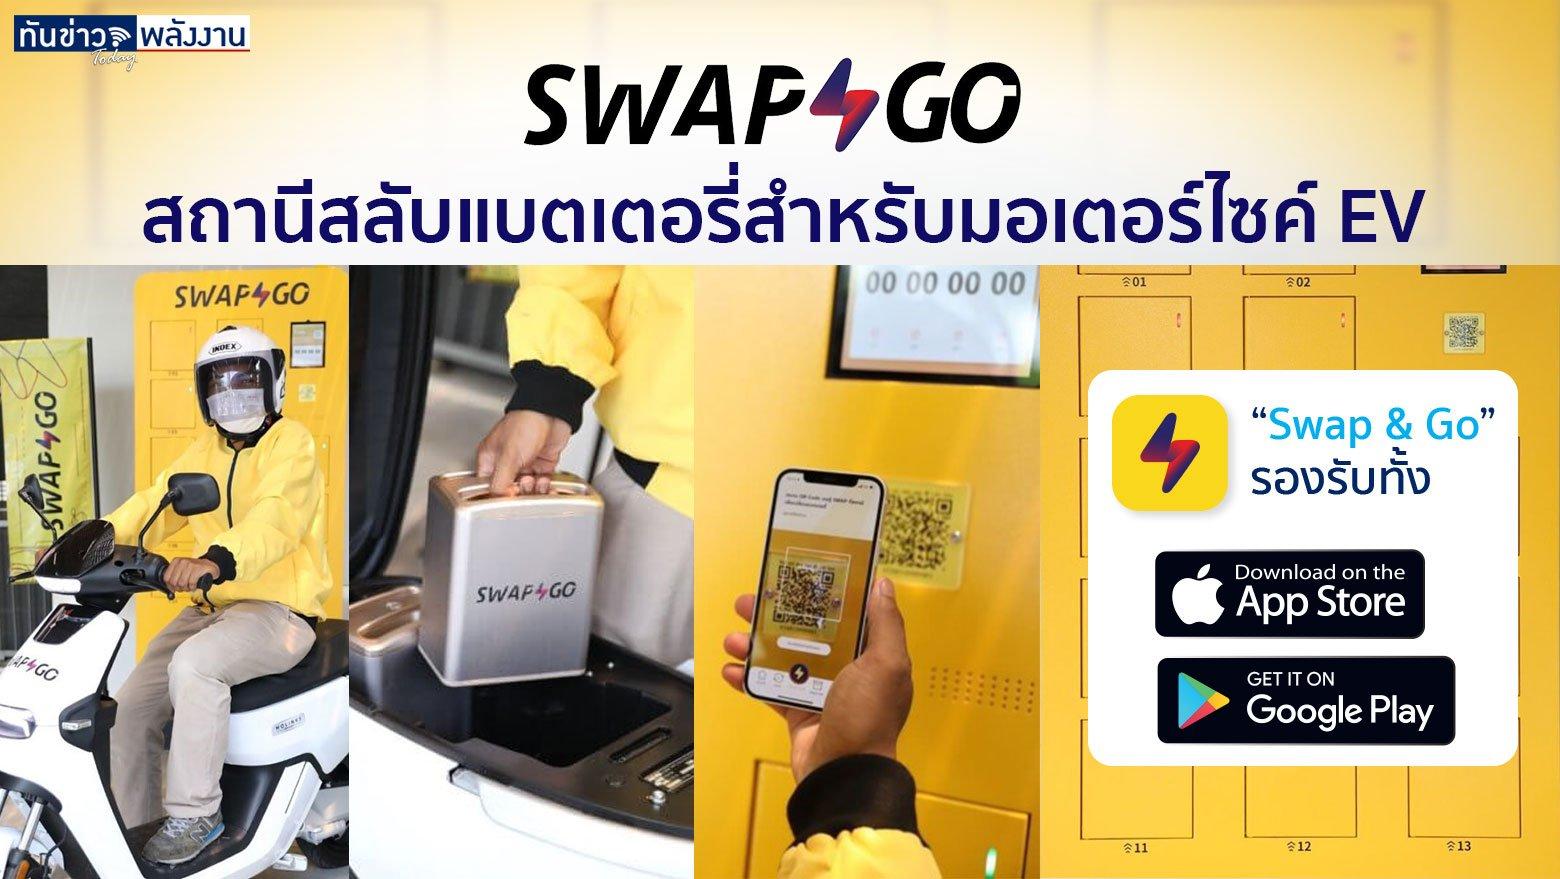 Swap and GO สถานีสลับแบตเตอรี่สำหรับมอเตอร์ไซค์ EV   หนุนธุรกิจฟู้ดดิลิเวอรี่ ช่วยไรเดอร์ประหยัดต้นทุนพลังงาน